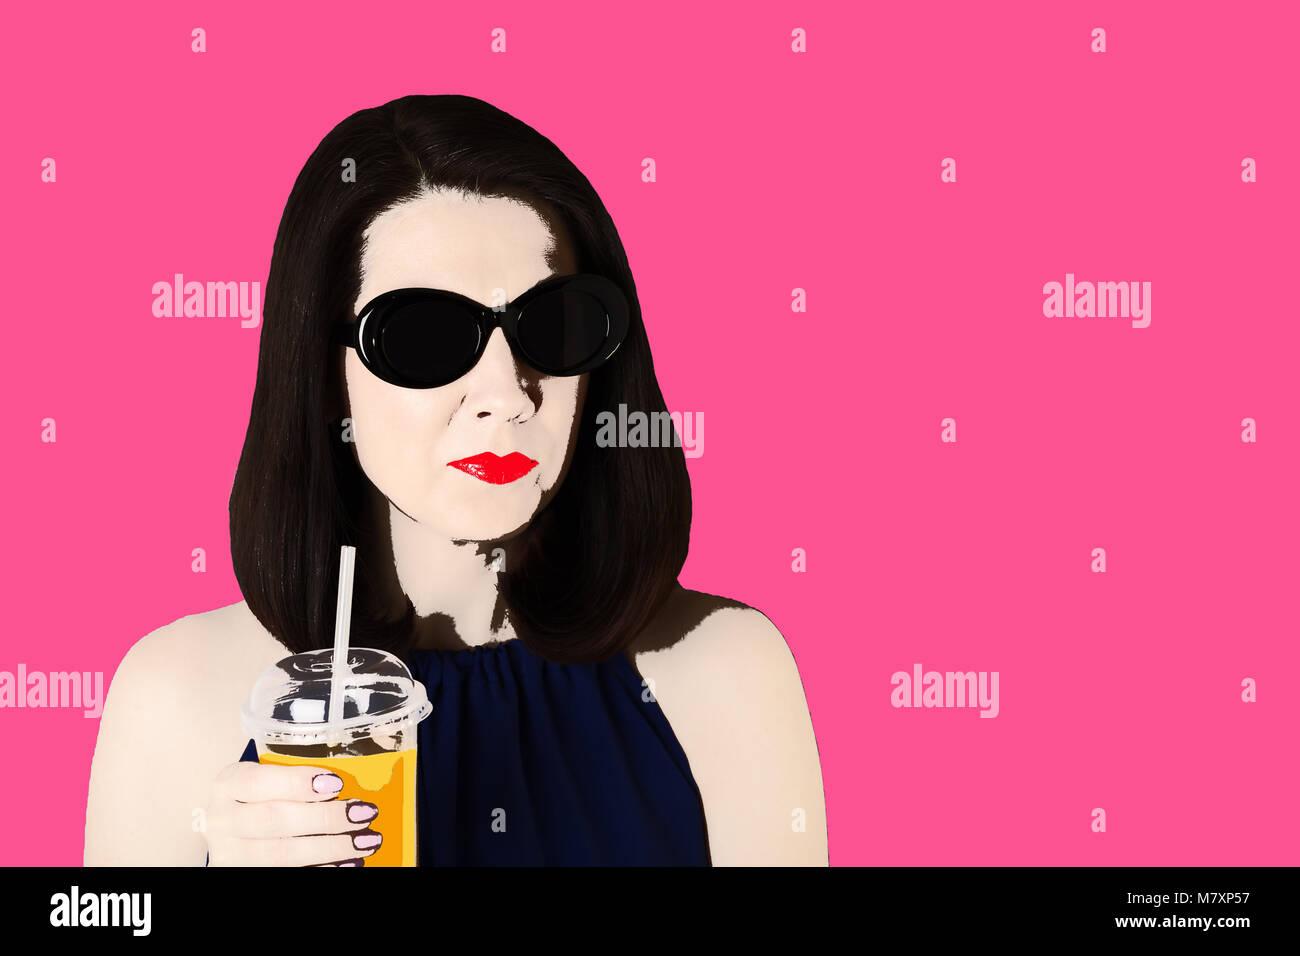 Pop Art Girl Imágenes De Stock & Pop Art Girl Fotos De Stock - Alamy